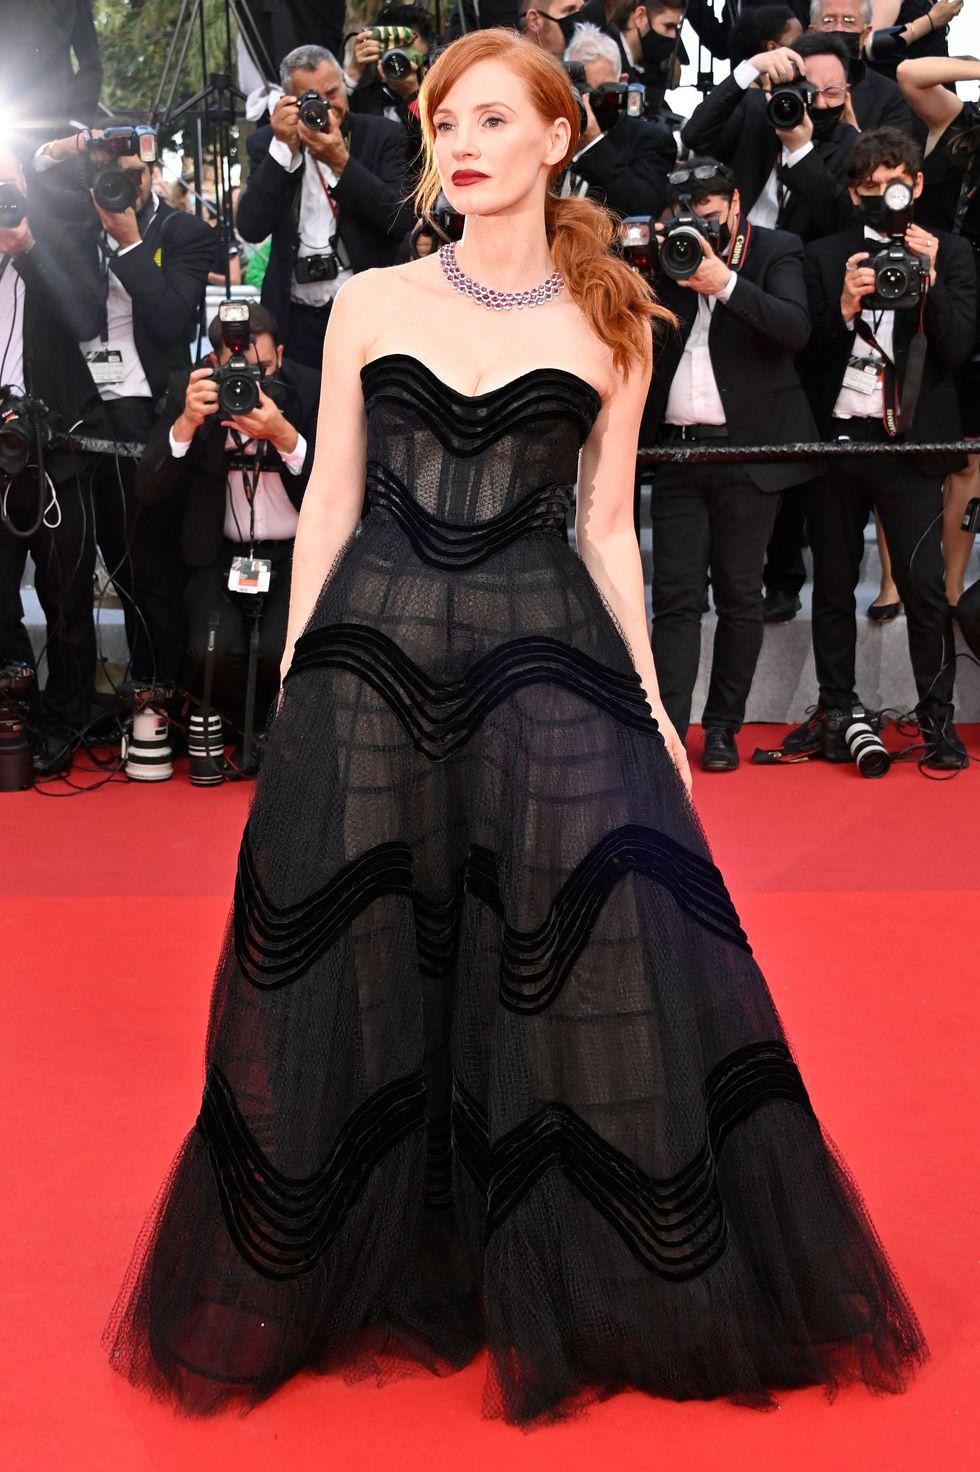 Sau khi bị hủy bỏ đáng tiếc vào năm ngoài do dịch COVID-19, Liên hoan phim Cannes đã trở lại với tất cả sự hào nhoáng và quyến rũ thường thấy. Jessica Chastain nổi bật trên thảm đỏ trong chiếc váy quây Dior Couture màu đen thanh lịch, kết hợp với vòng cổ ruby Chopard sang trọng.